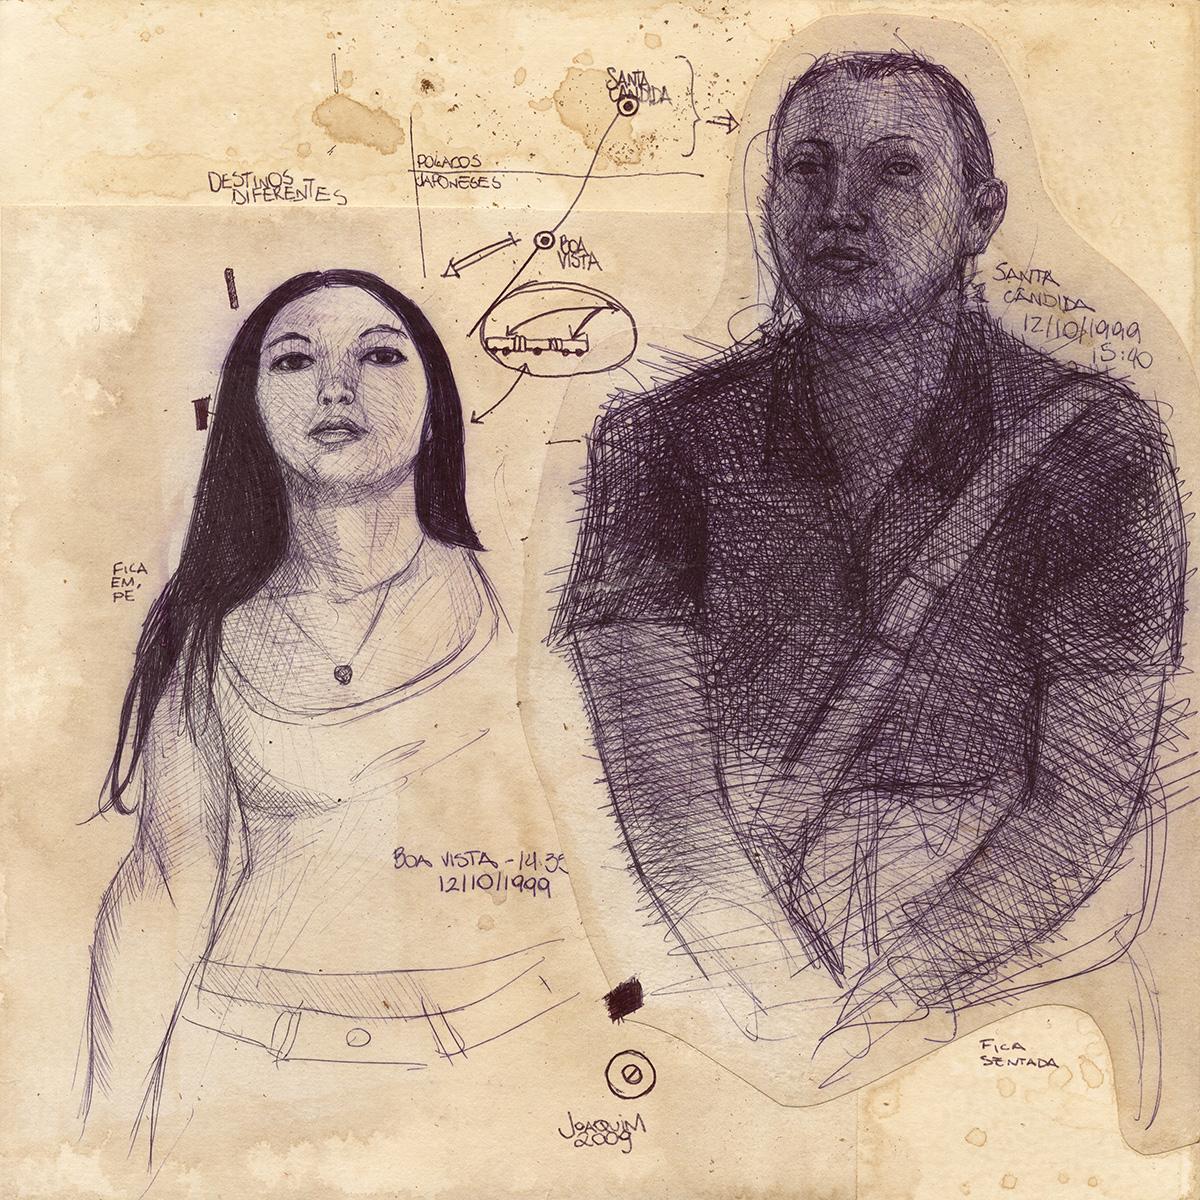 Desenho atribuído a Joaquim de Souza - Fase 1 - 1999.10.12_(14.35)